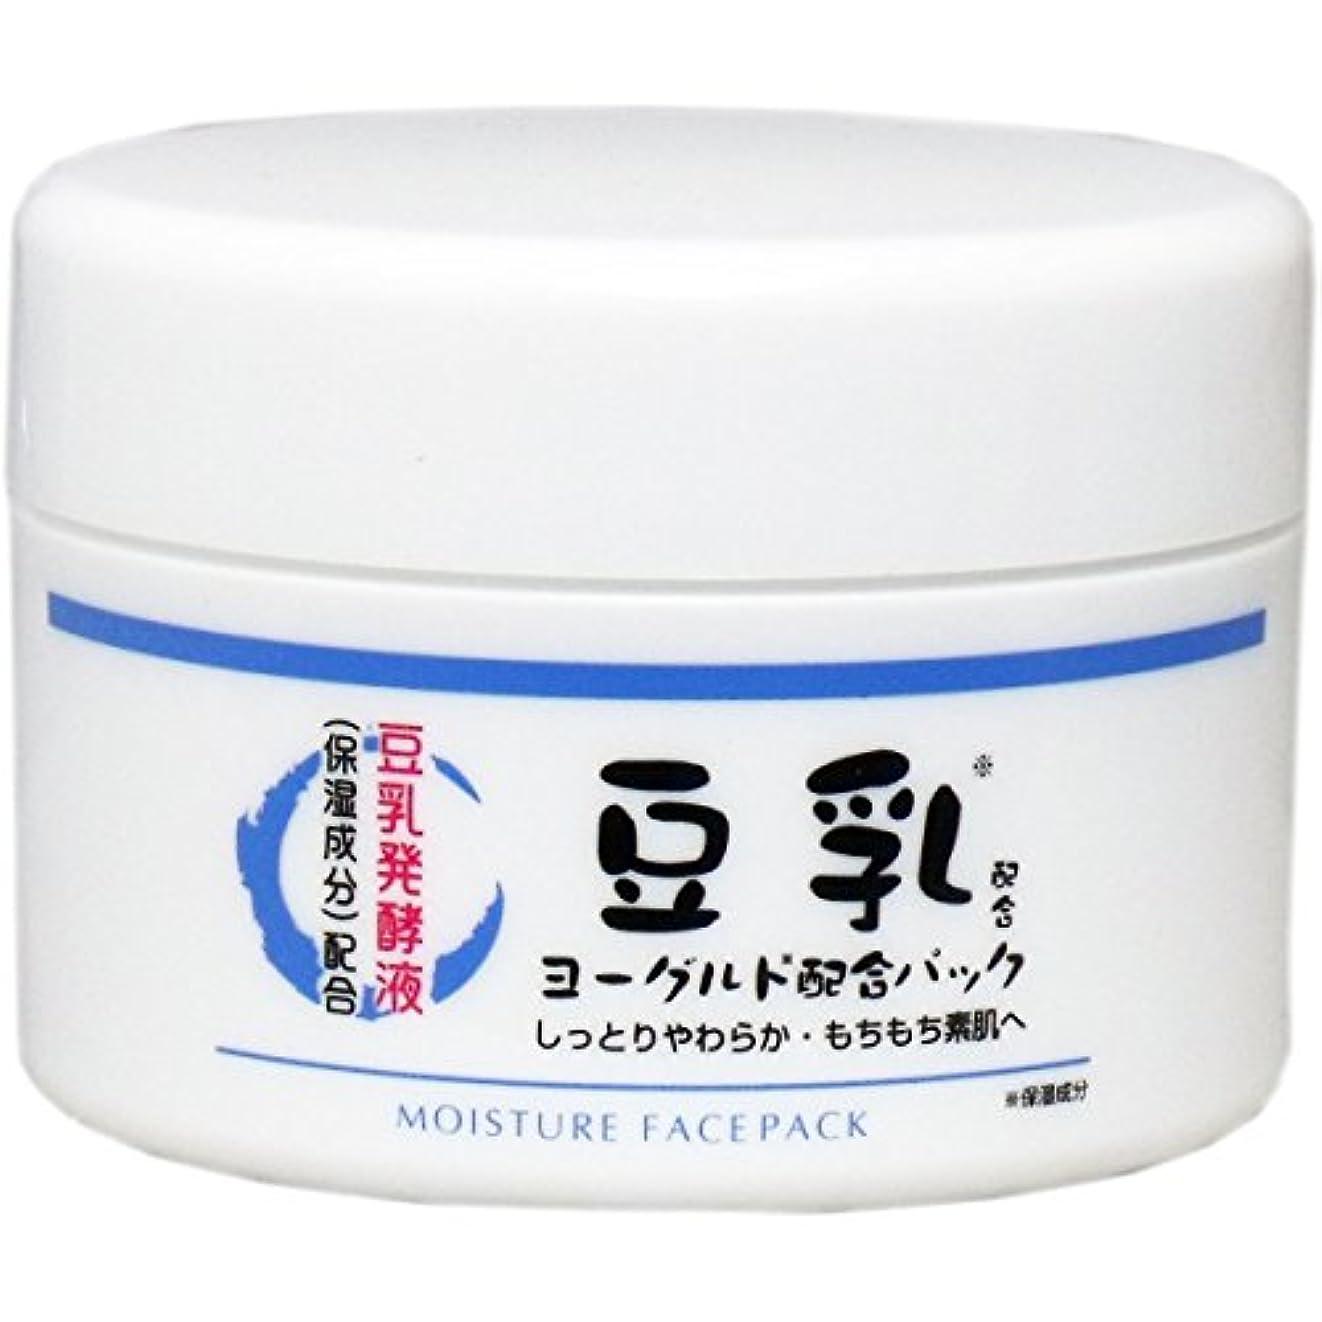 三番嵐ダイヤル豆乳 ヨーグルト配合フェイスパック 150g